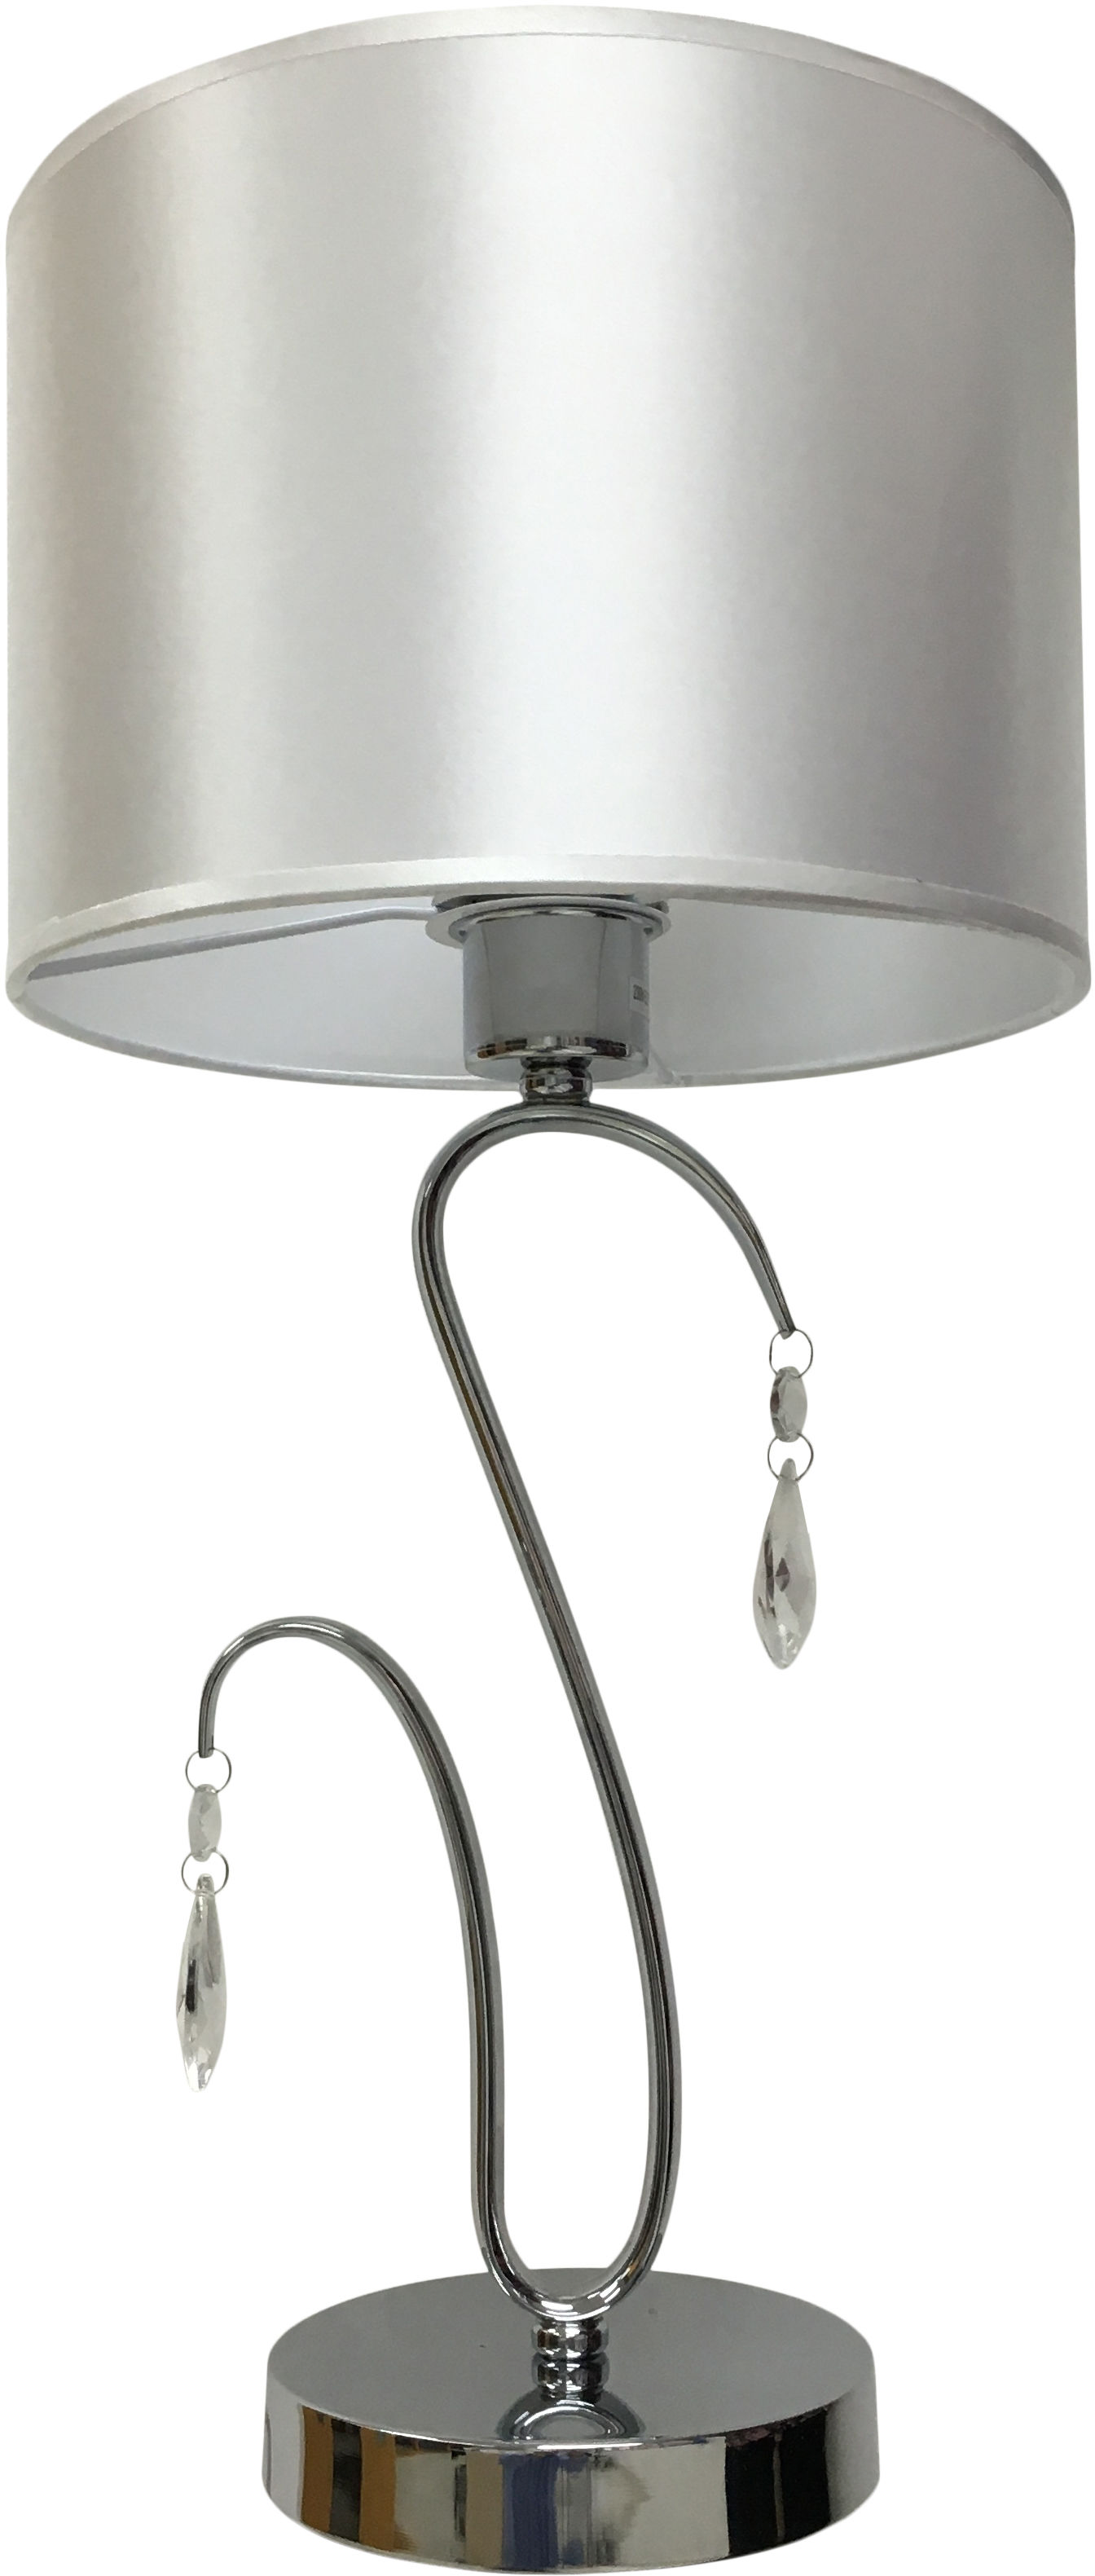 Candellux CARMEN 41-40602 lampa stołowa abażur 1X60W E27 chrom 26cm